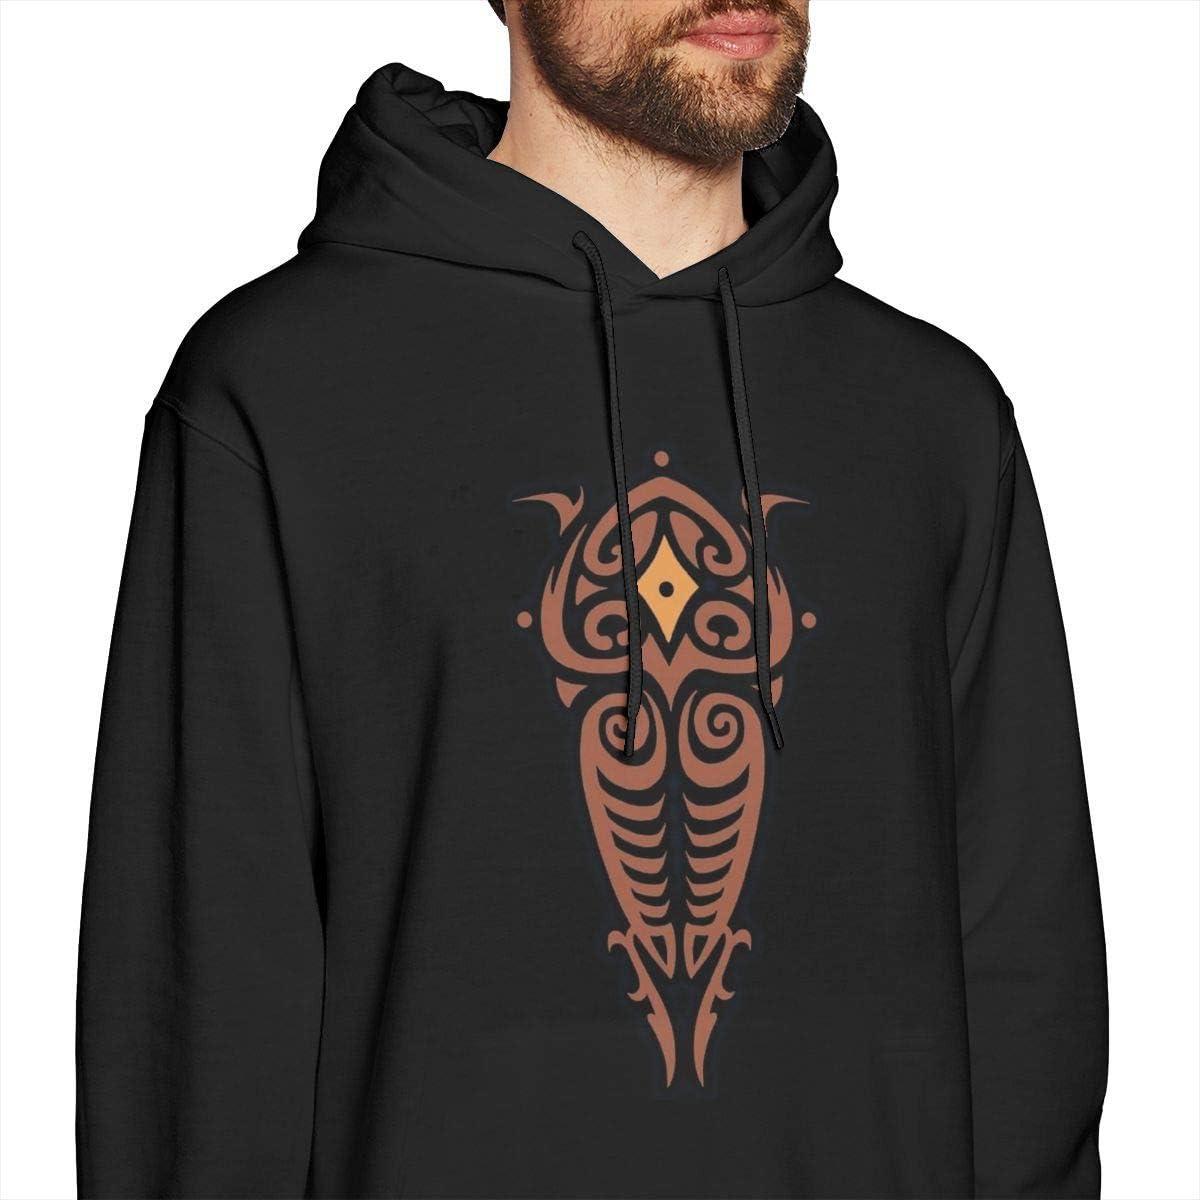 xinfub Legende von Korra Vaatu The Last Airbender Herren Pullover Hoodies Rundhals-Langarm-Sweatshirt Schwarz Small|style1